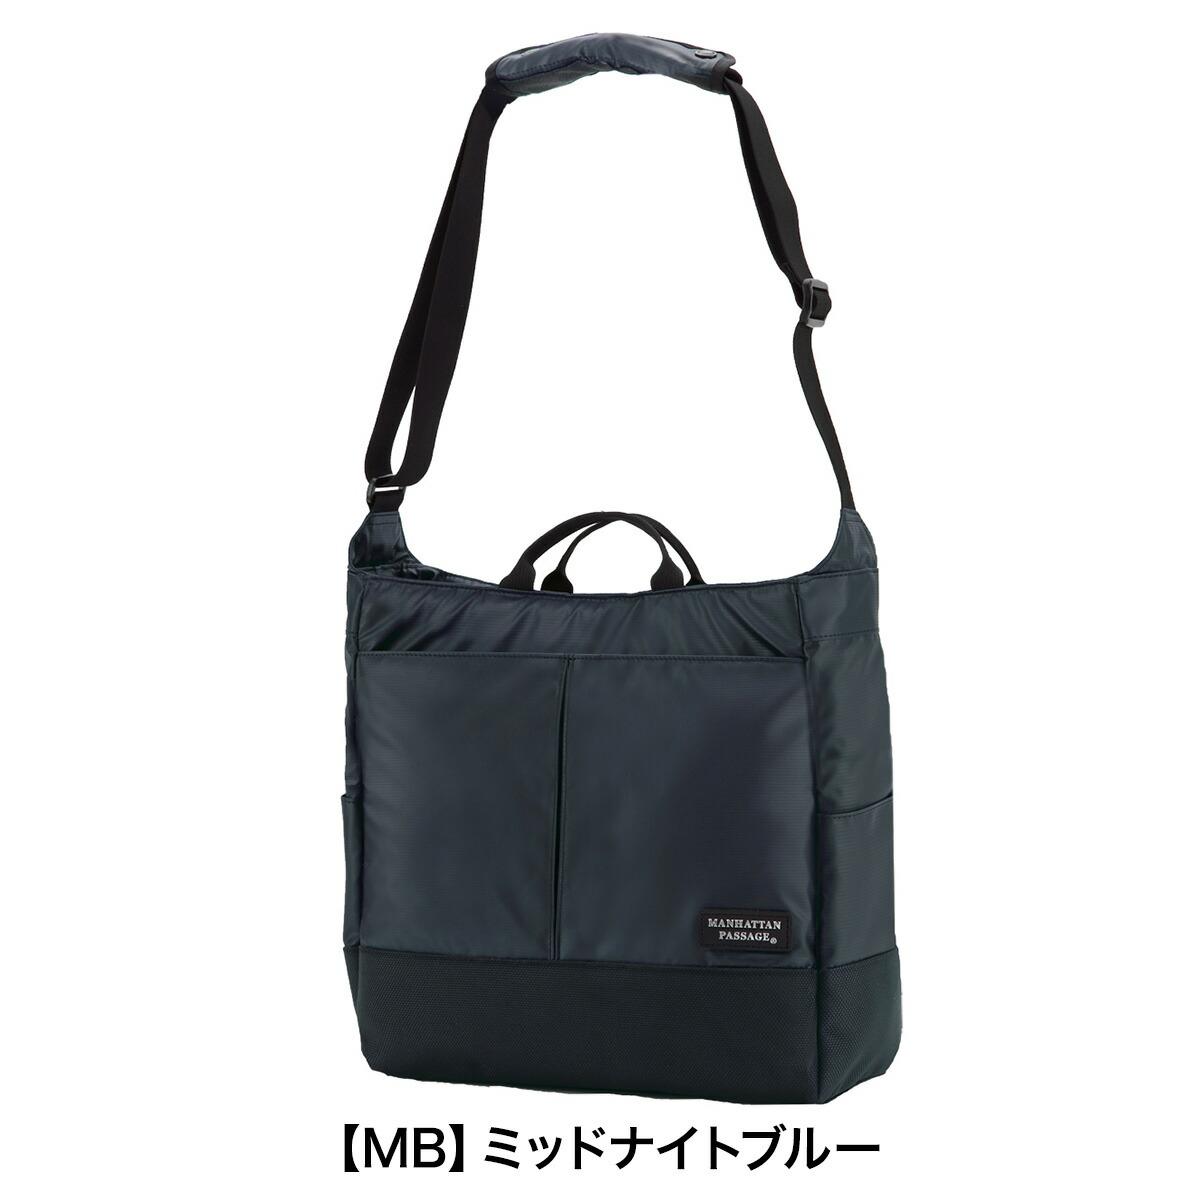 【MB】ミッドナイトブルー